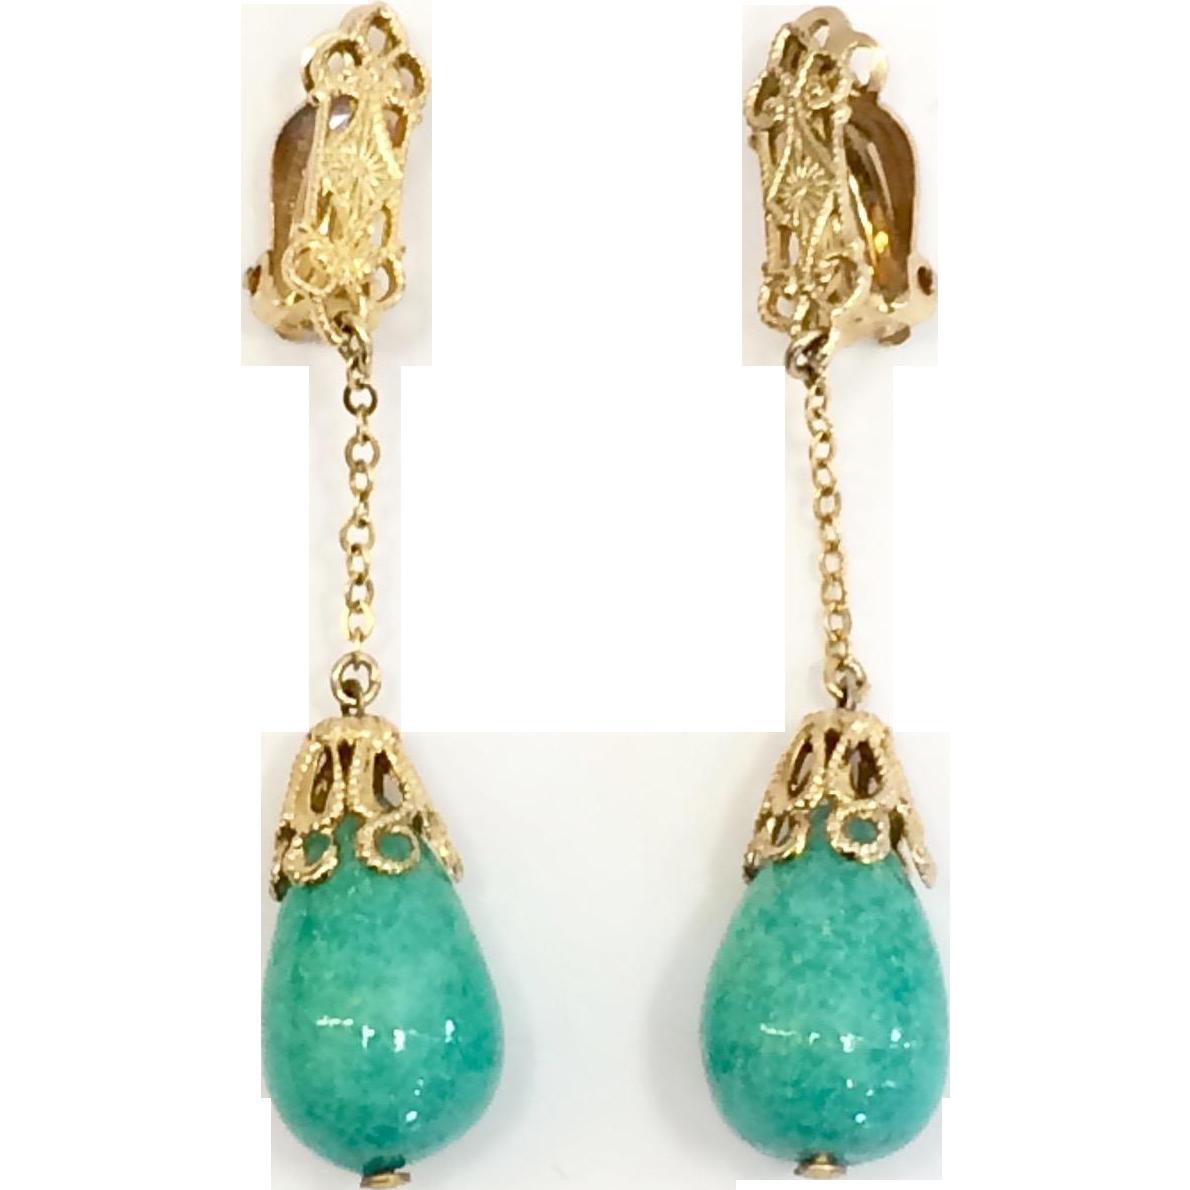 Vintage Lewis Siegel 1960s Gold Tone Dangle Drop Earrings with Green Peking Glass